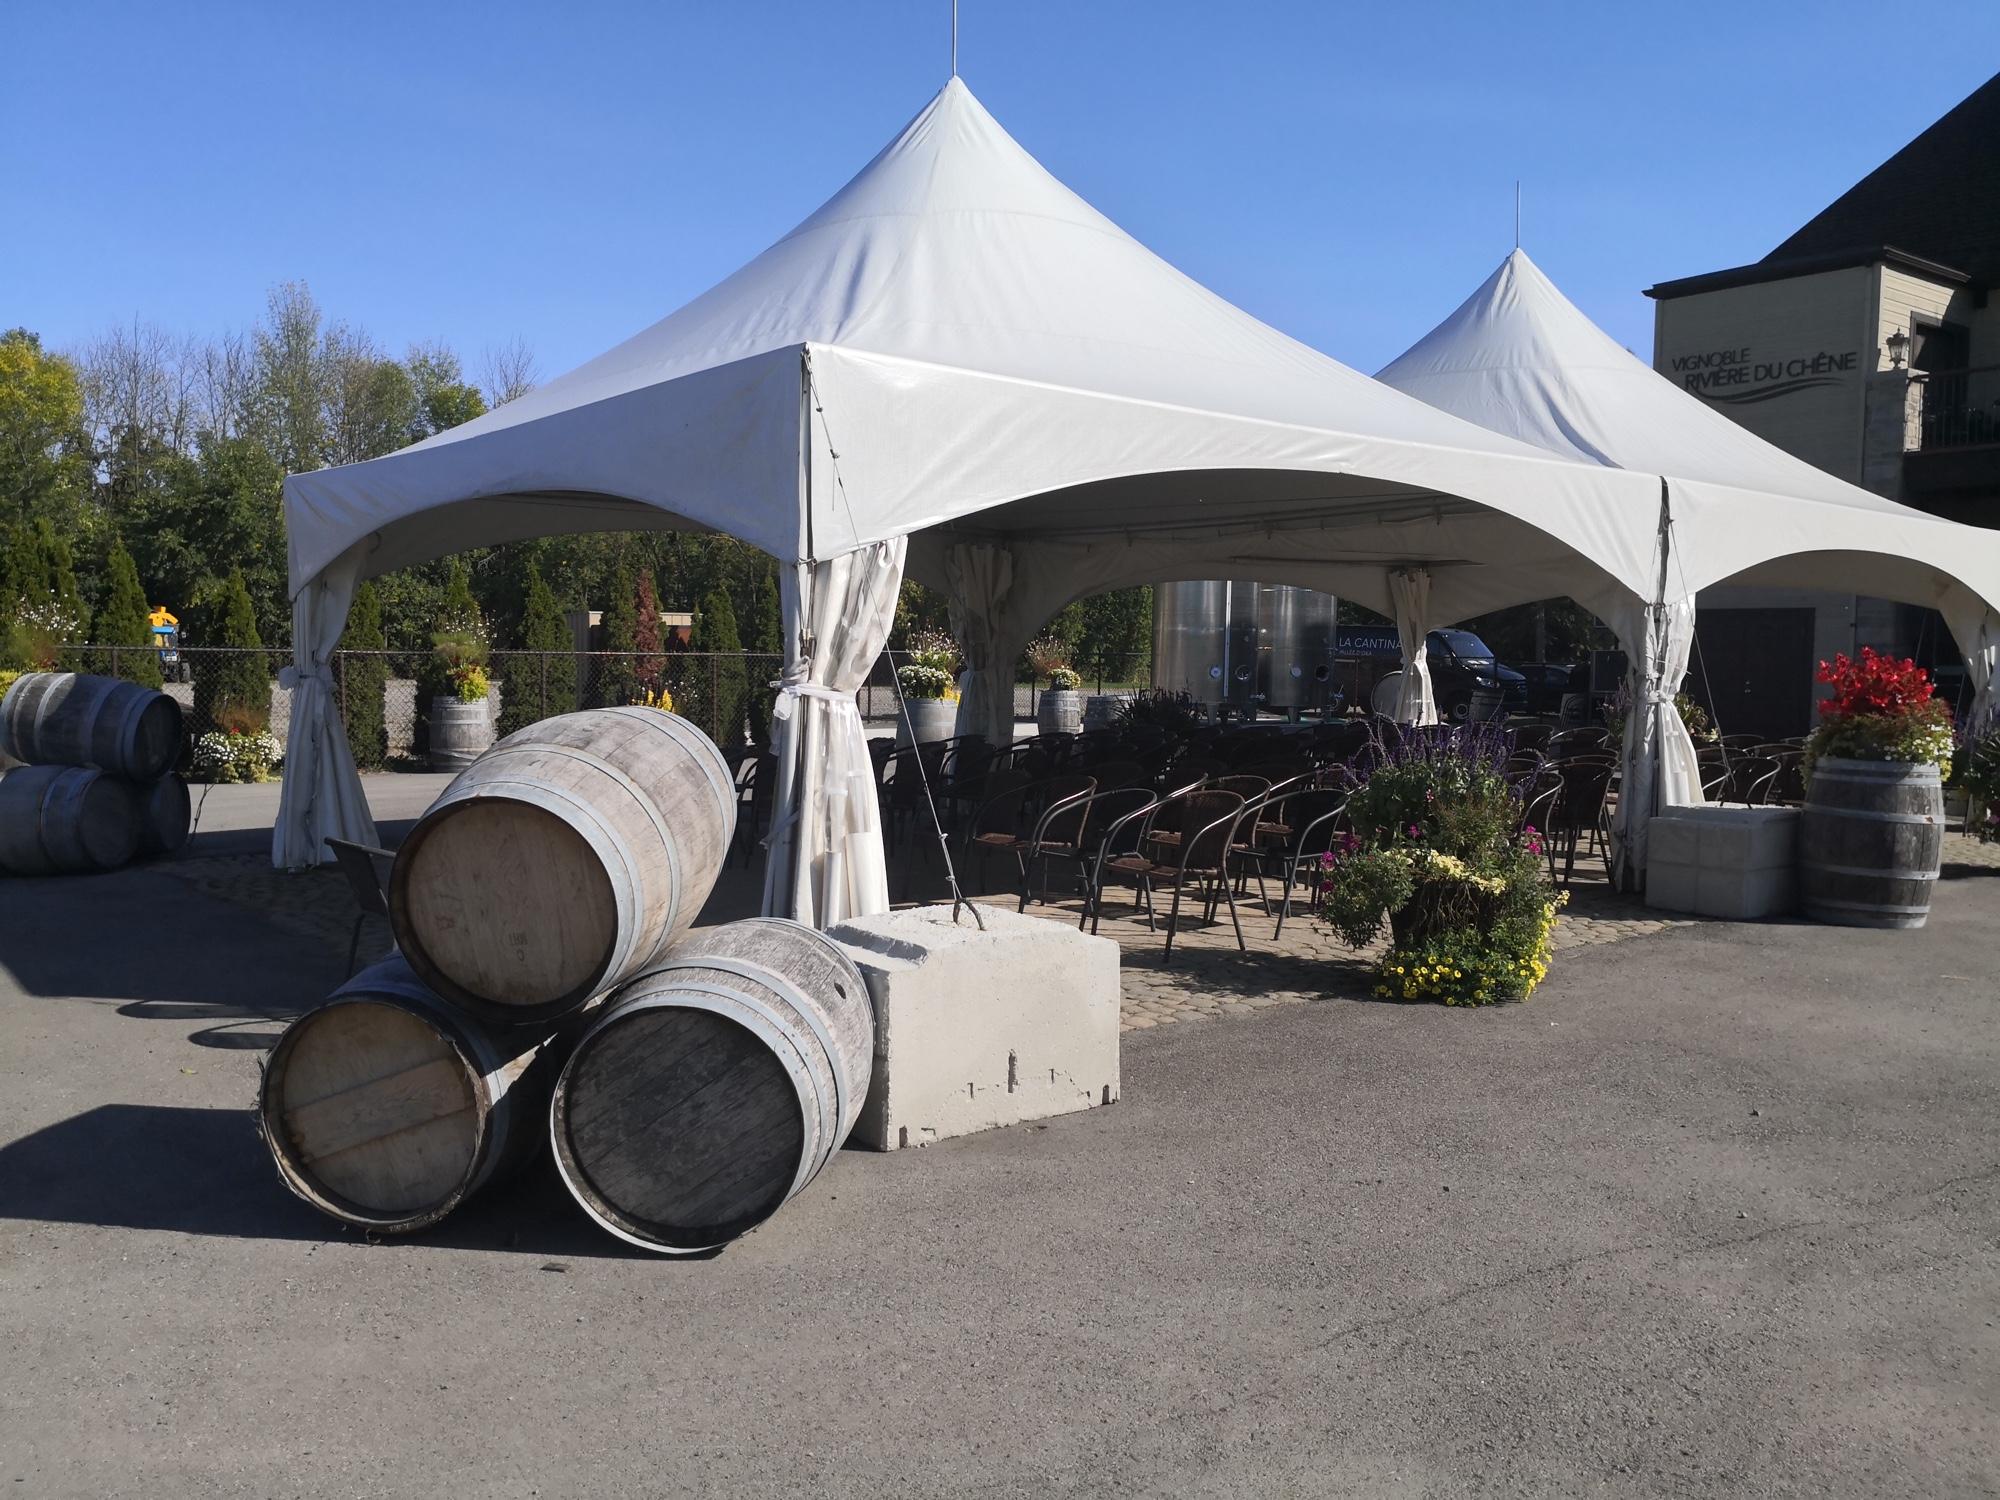 結婚式やパーティーもできるローレンシャンの葡萄園